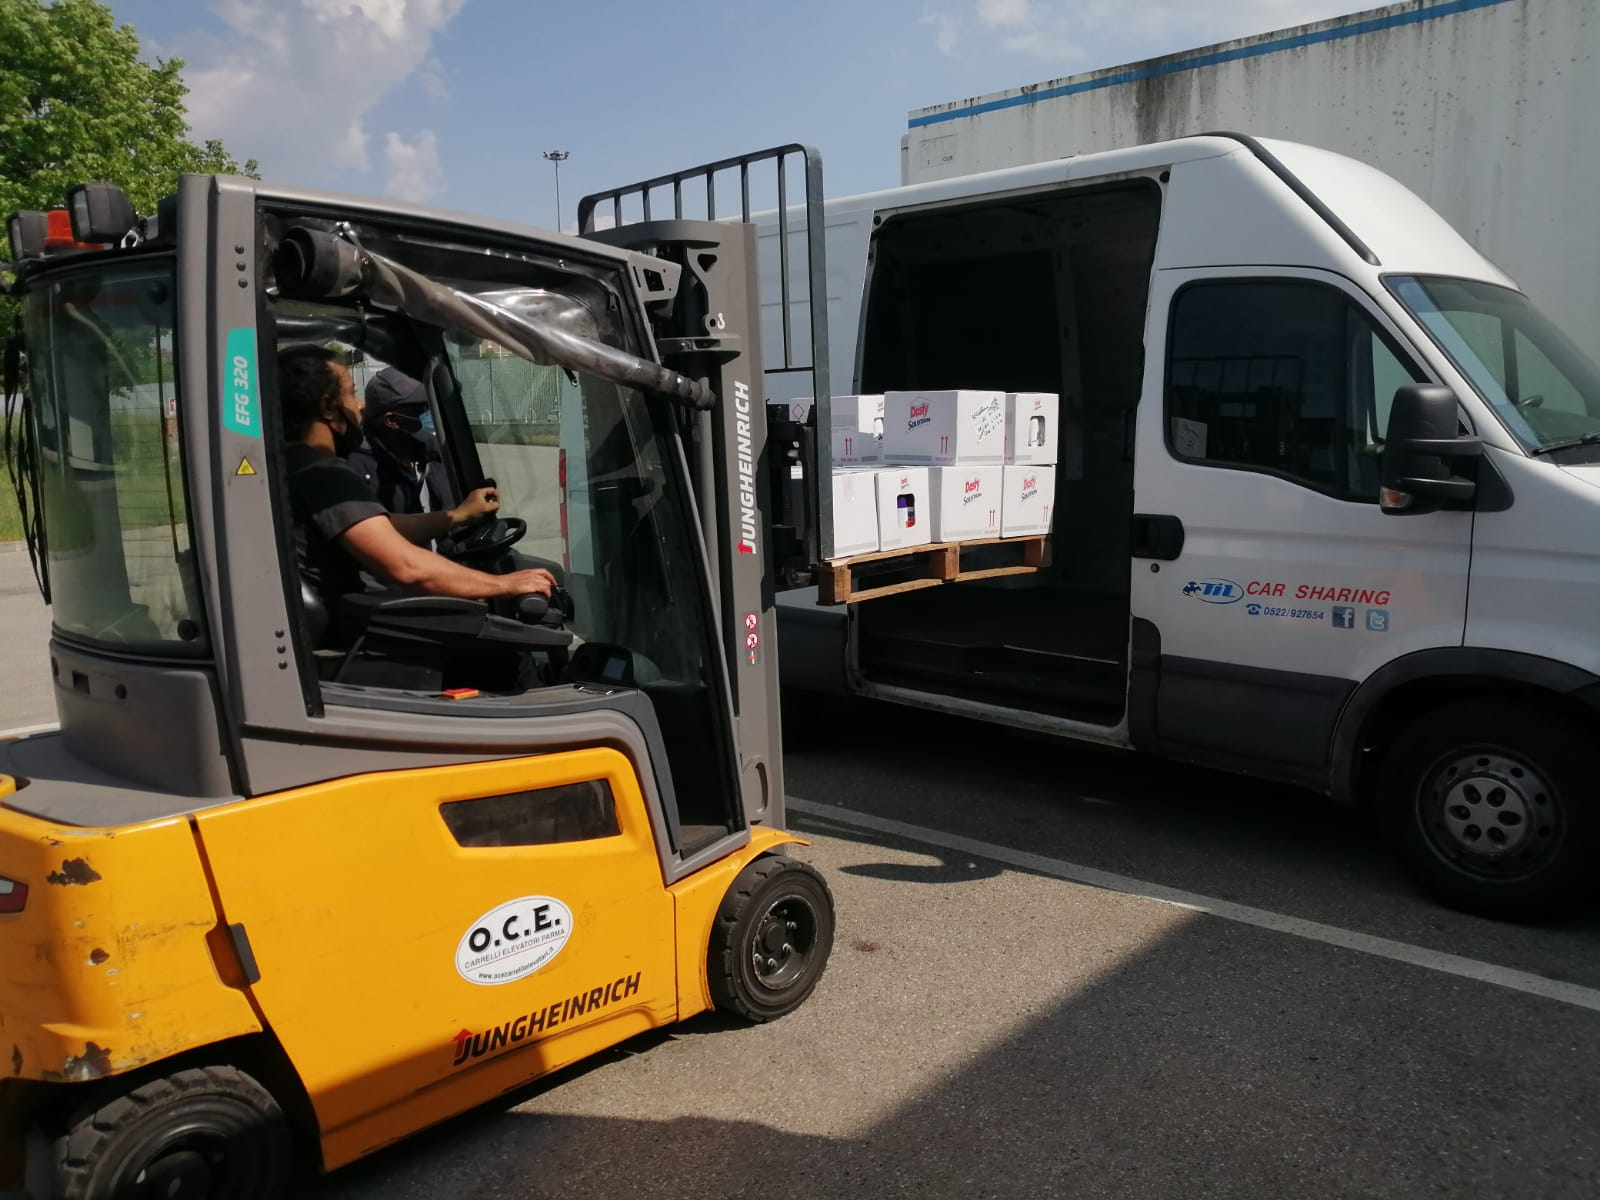 20210421 Rete Empori Emilia Romagna condivisione beni (4)